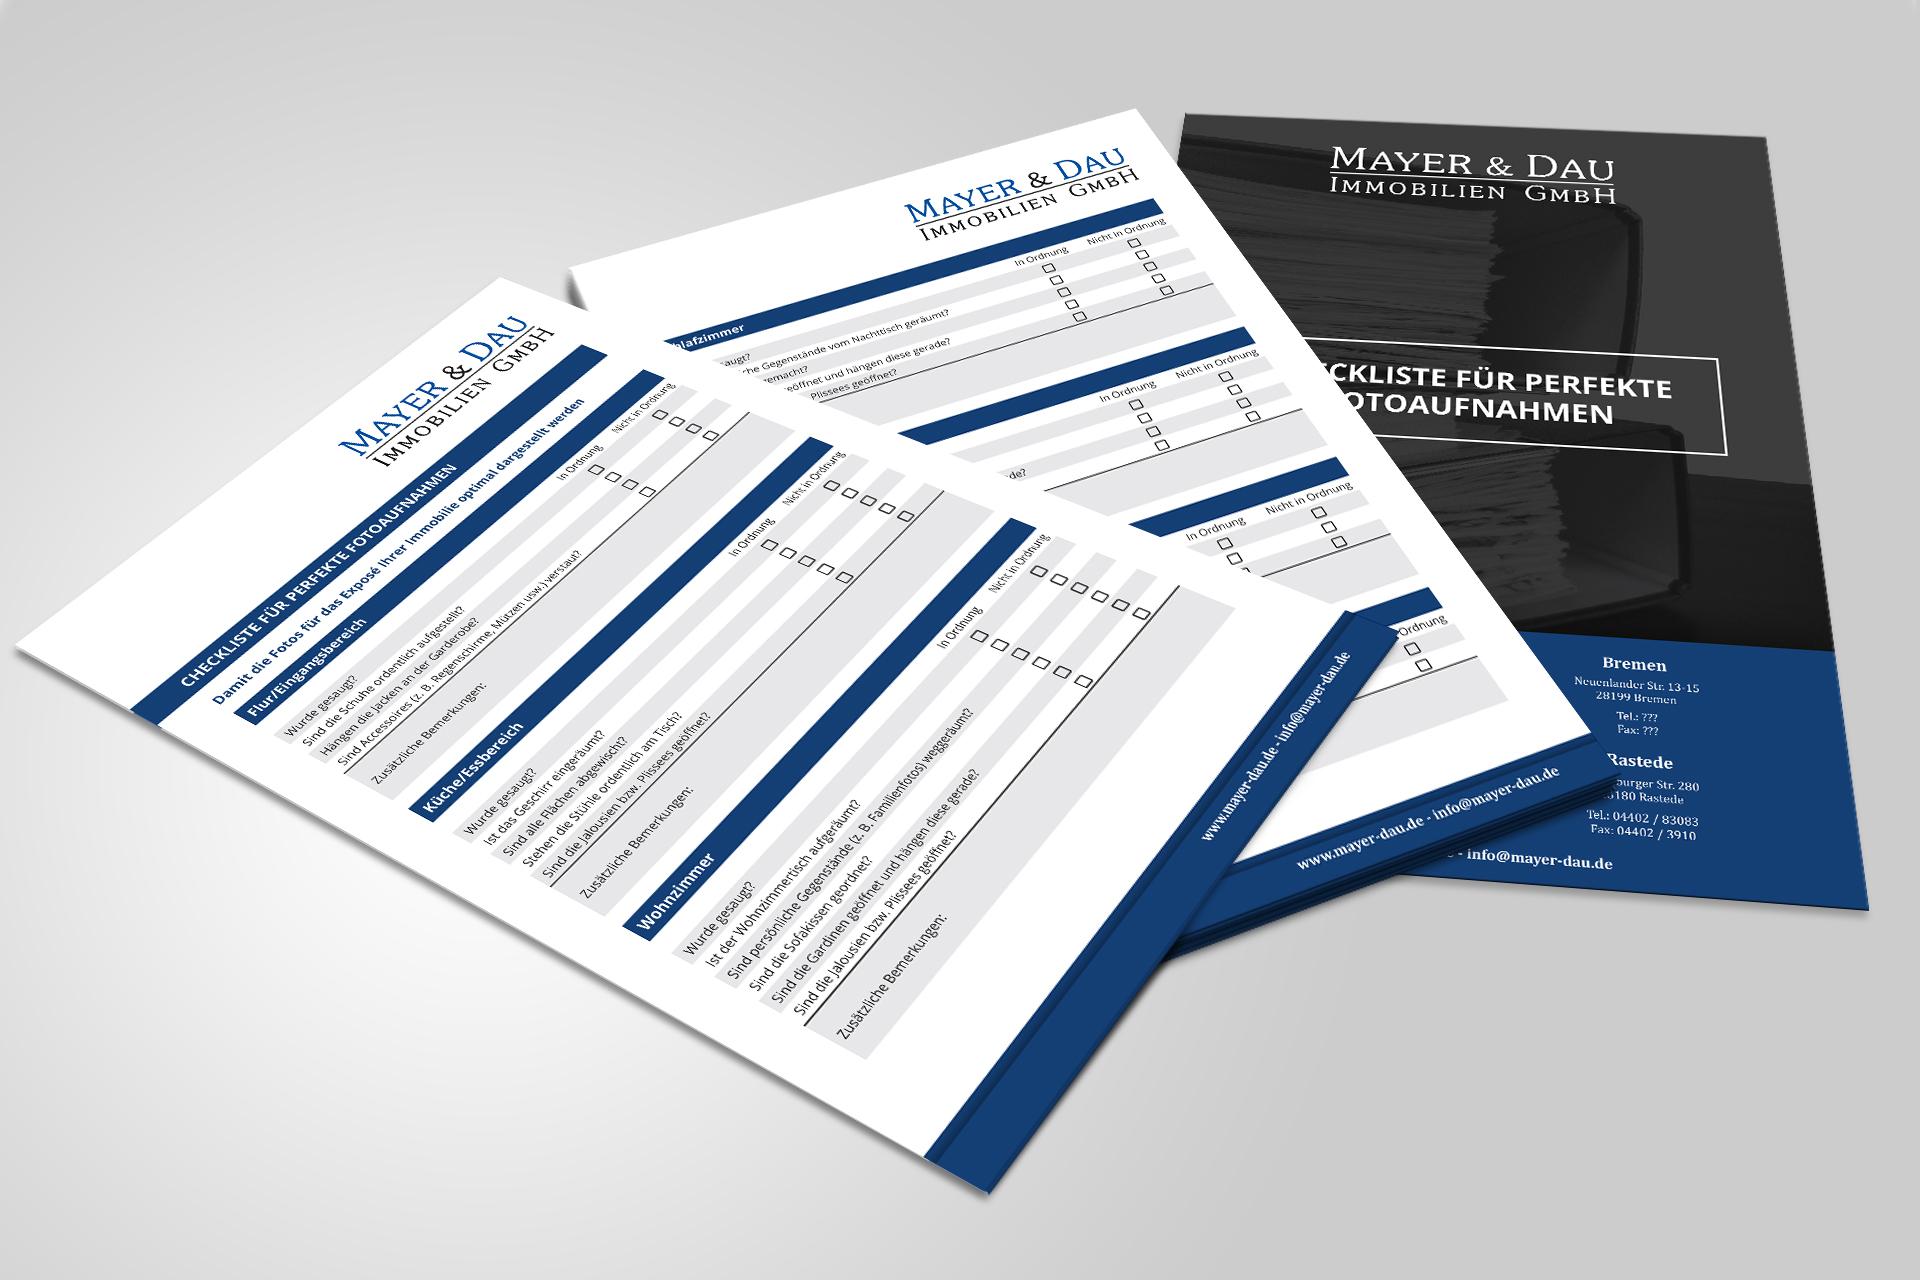 M&D_Checkliste_Fotoaufnahmen